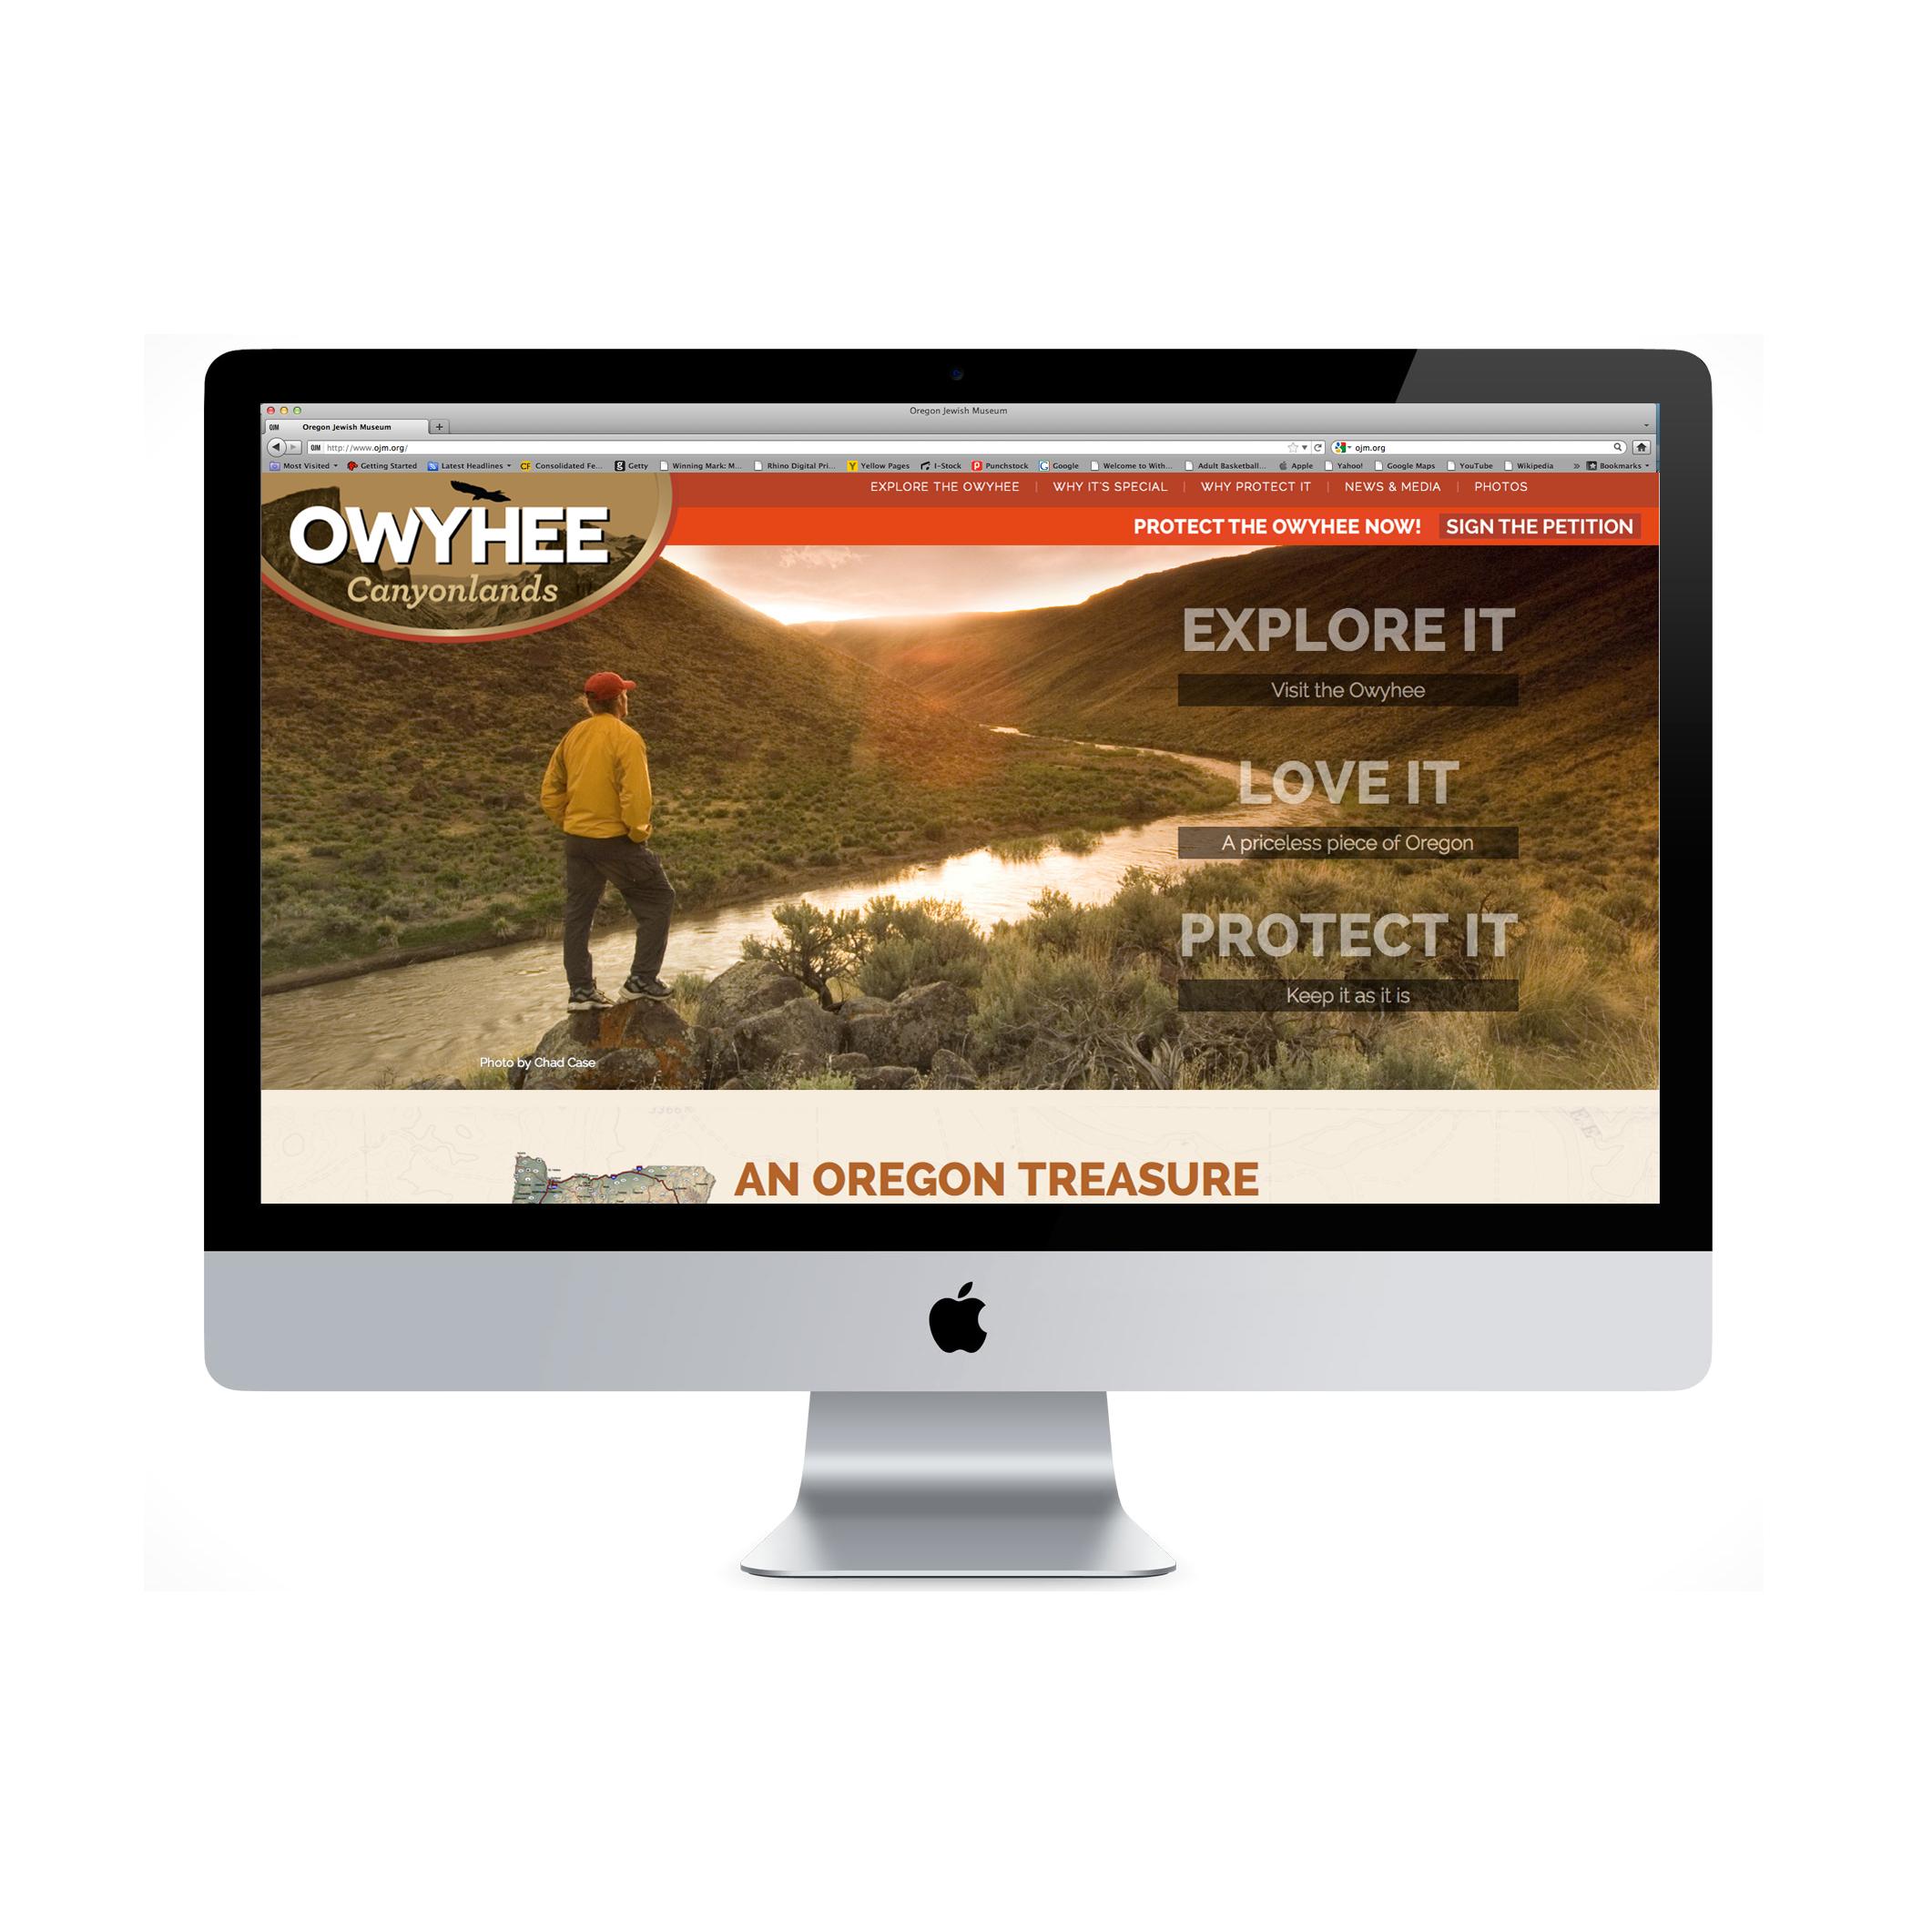 Owyhee website